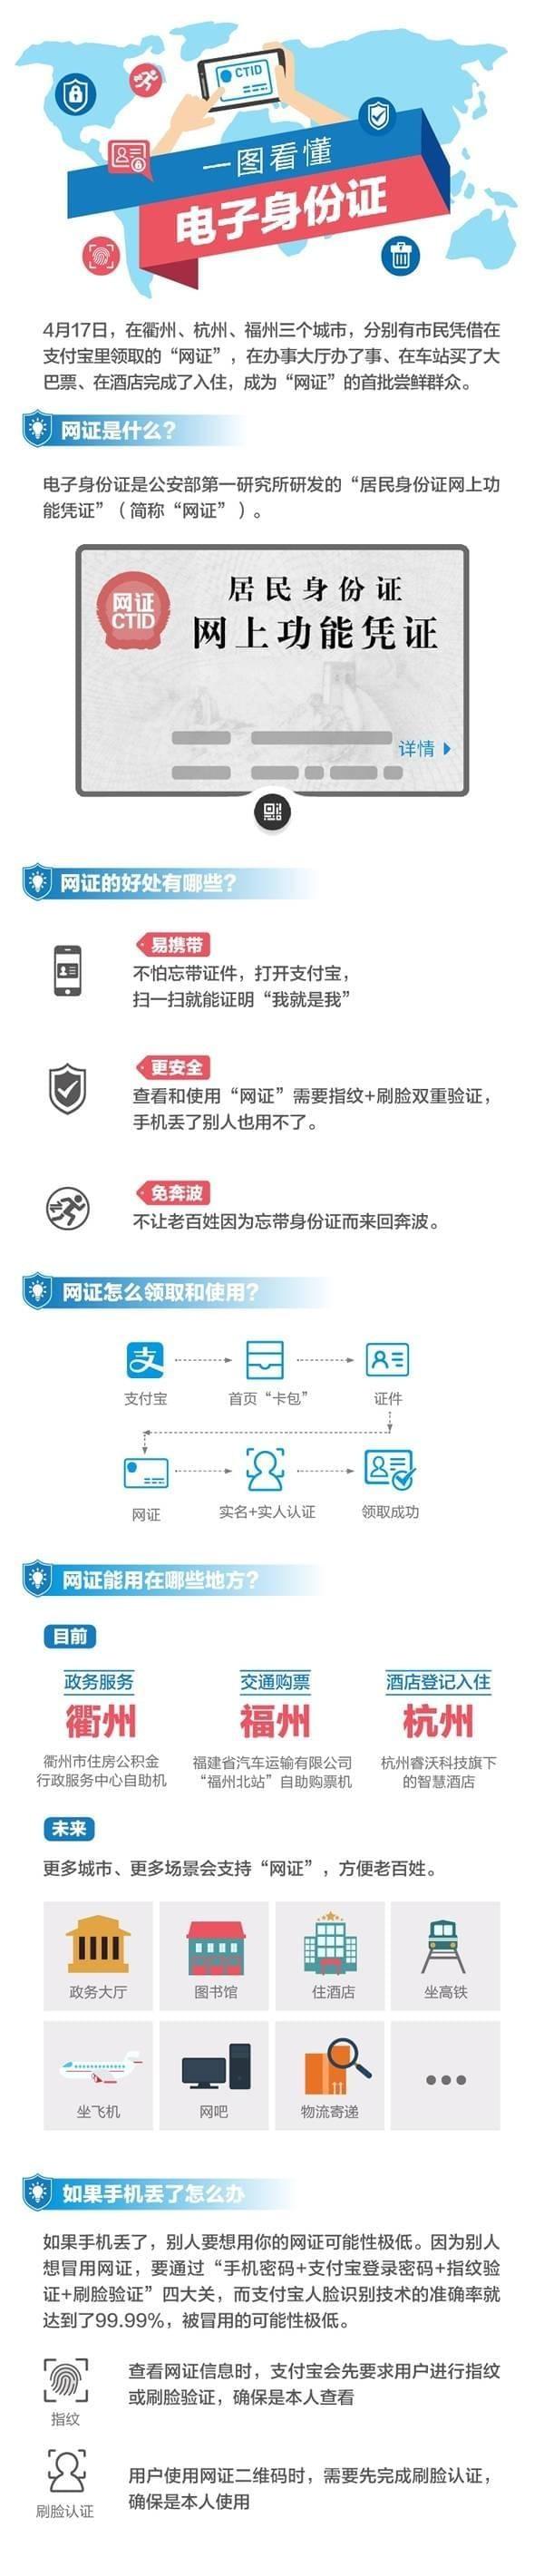 网证身份证【5】